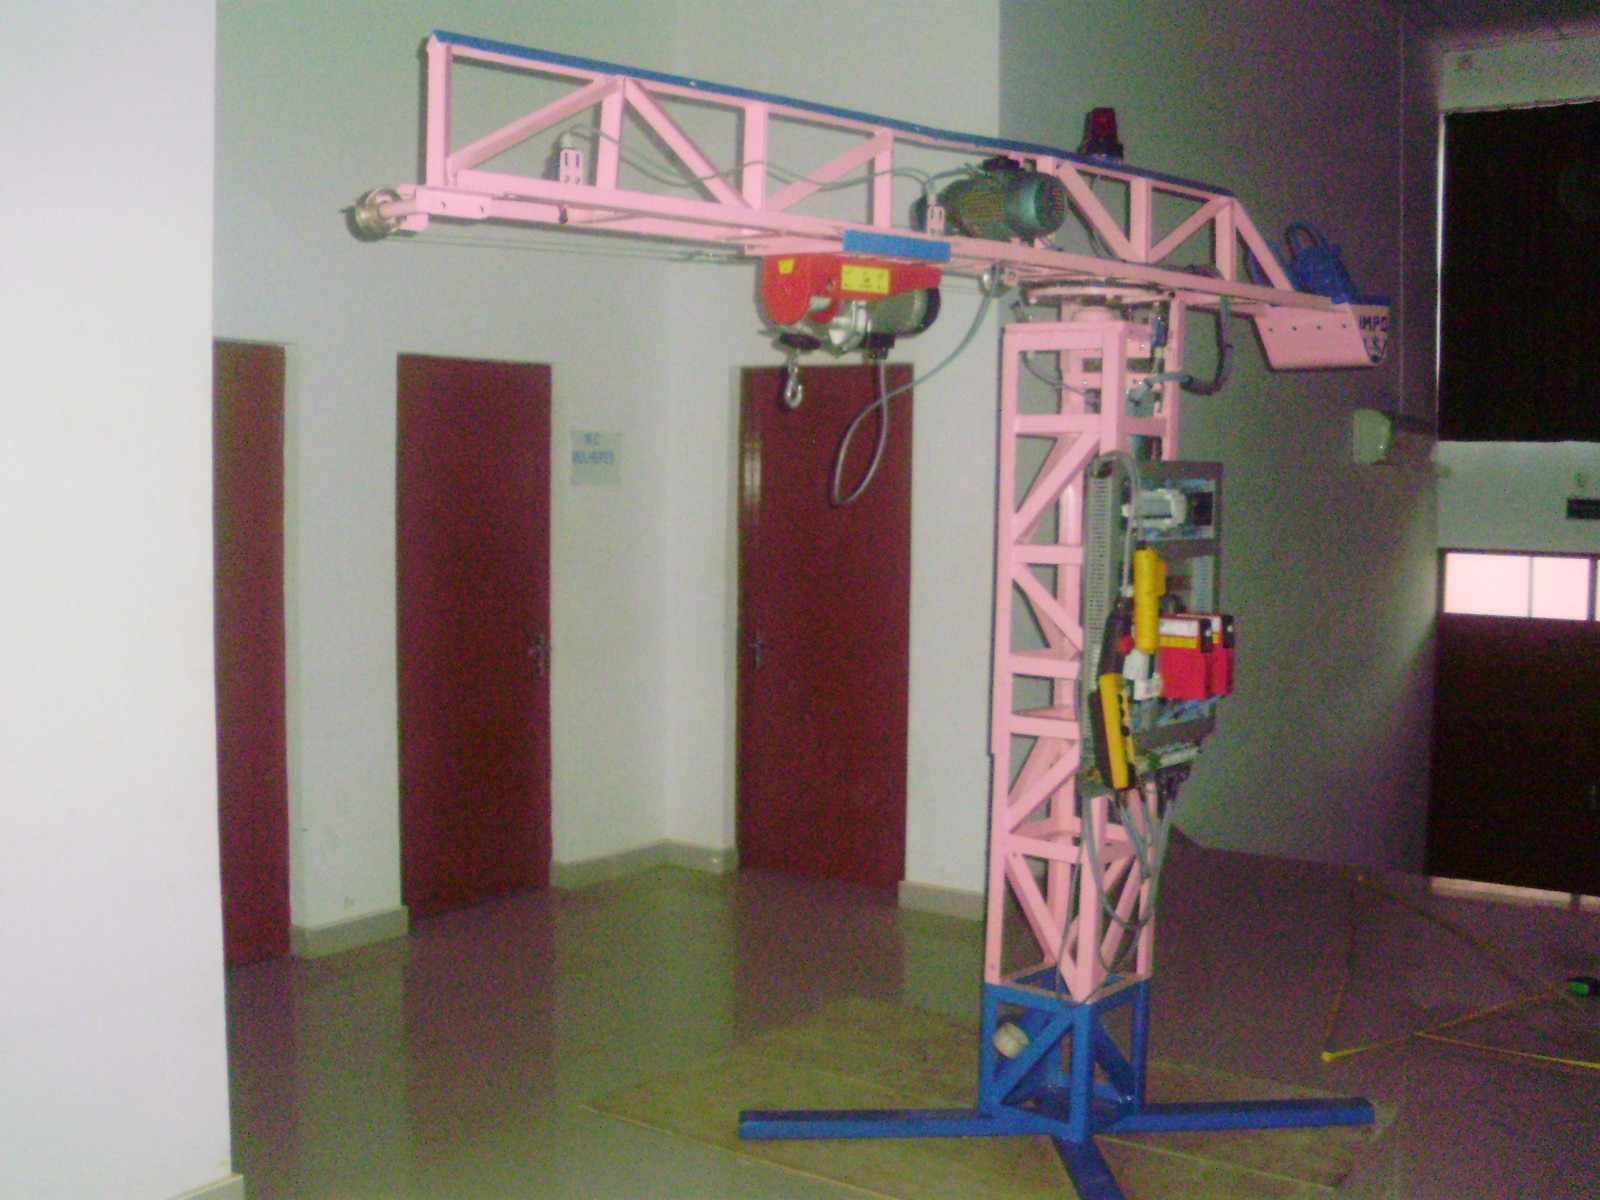 Grua transportadora feita pelos alunos de Energia e Instalações Elétricas para a apresentação na Feira EDUCA ANGOLA. 2010